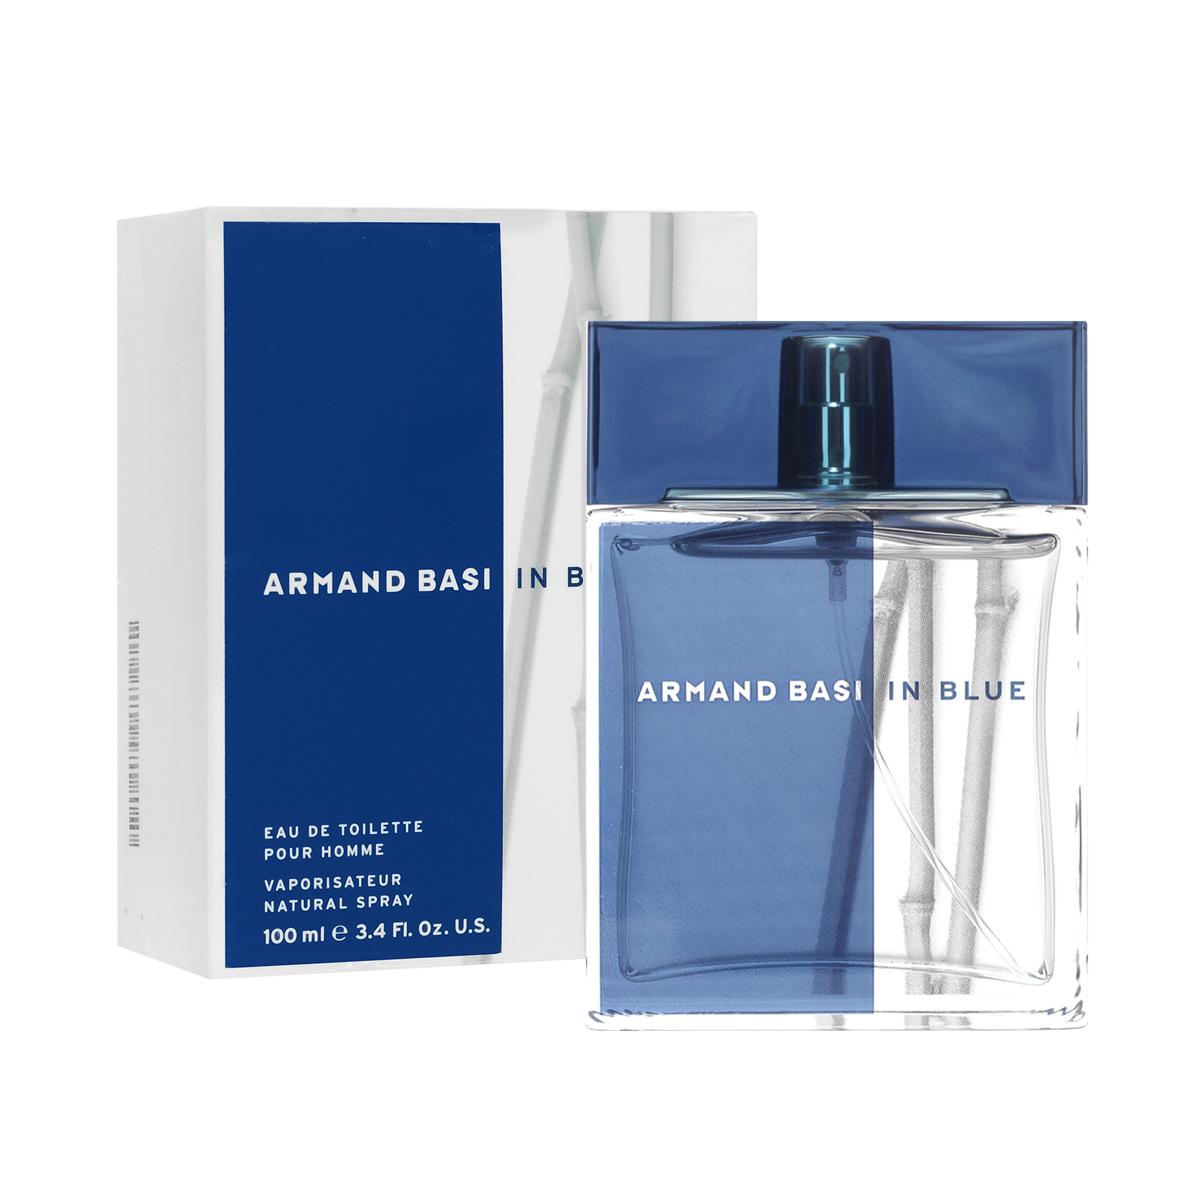 """Armand Basi Туалетная вода In Blue, мужская, 100 мл30304Аромат, созданный благодаря слиянию последних тенденций мировой моды и особого дизайнерского стиля Armand Basi. Продолжая развитие основной """"природной"""" концепции женского аромата Armand Basi In Red, аромат Armand Basi In Blue гармонично воплотил основные черты, присущие современному мужчине. Синий цвет - противоположность красного. Такой же чистоты, как сам воздух, такой же интенсивности, как сила и глубина океана. Синий как цвет моря, комбинация силы и спокойствия, страсти и нежности. Актуальность и изысканность сливаются в одно целое, отражая образ современного мужчины, энергичного, спортивного и одновременно целеустремленного, относящегося к природе как к источнику силы и творчества. Создатель аромата - Alberto Morillas. Классификация аромата : древесный. Пирамида аромата : Верхние ноты: мандарин, бергамот, грейпфрут, листья кориандра. Ноты сердца: лотос, нероли, перец, ростки черной смородины. Ноты..."""